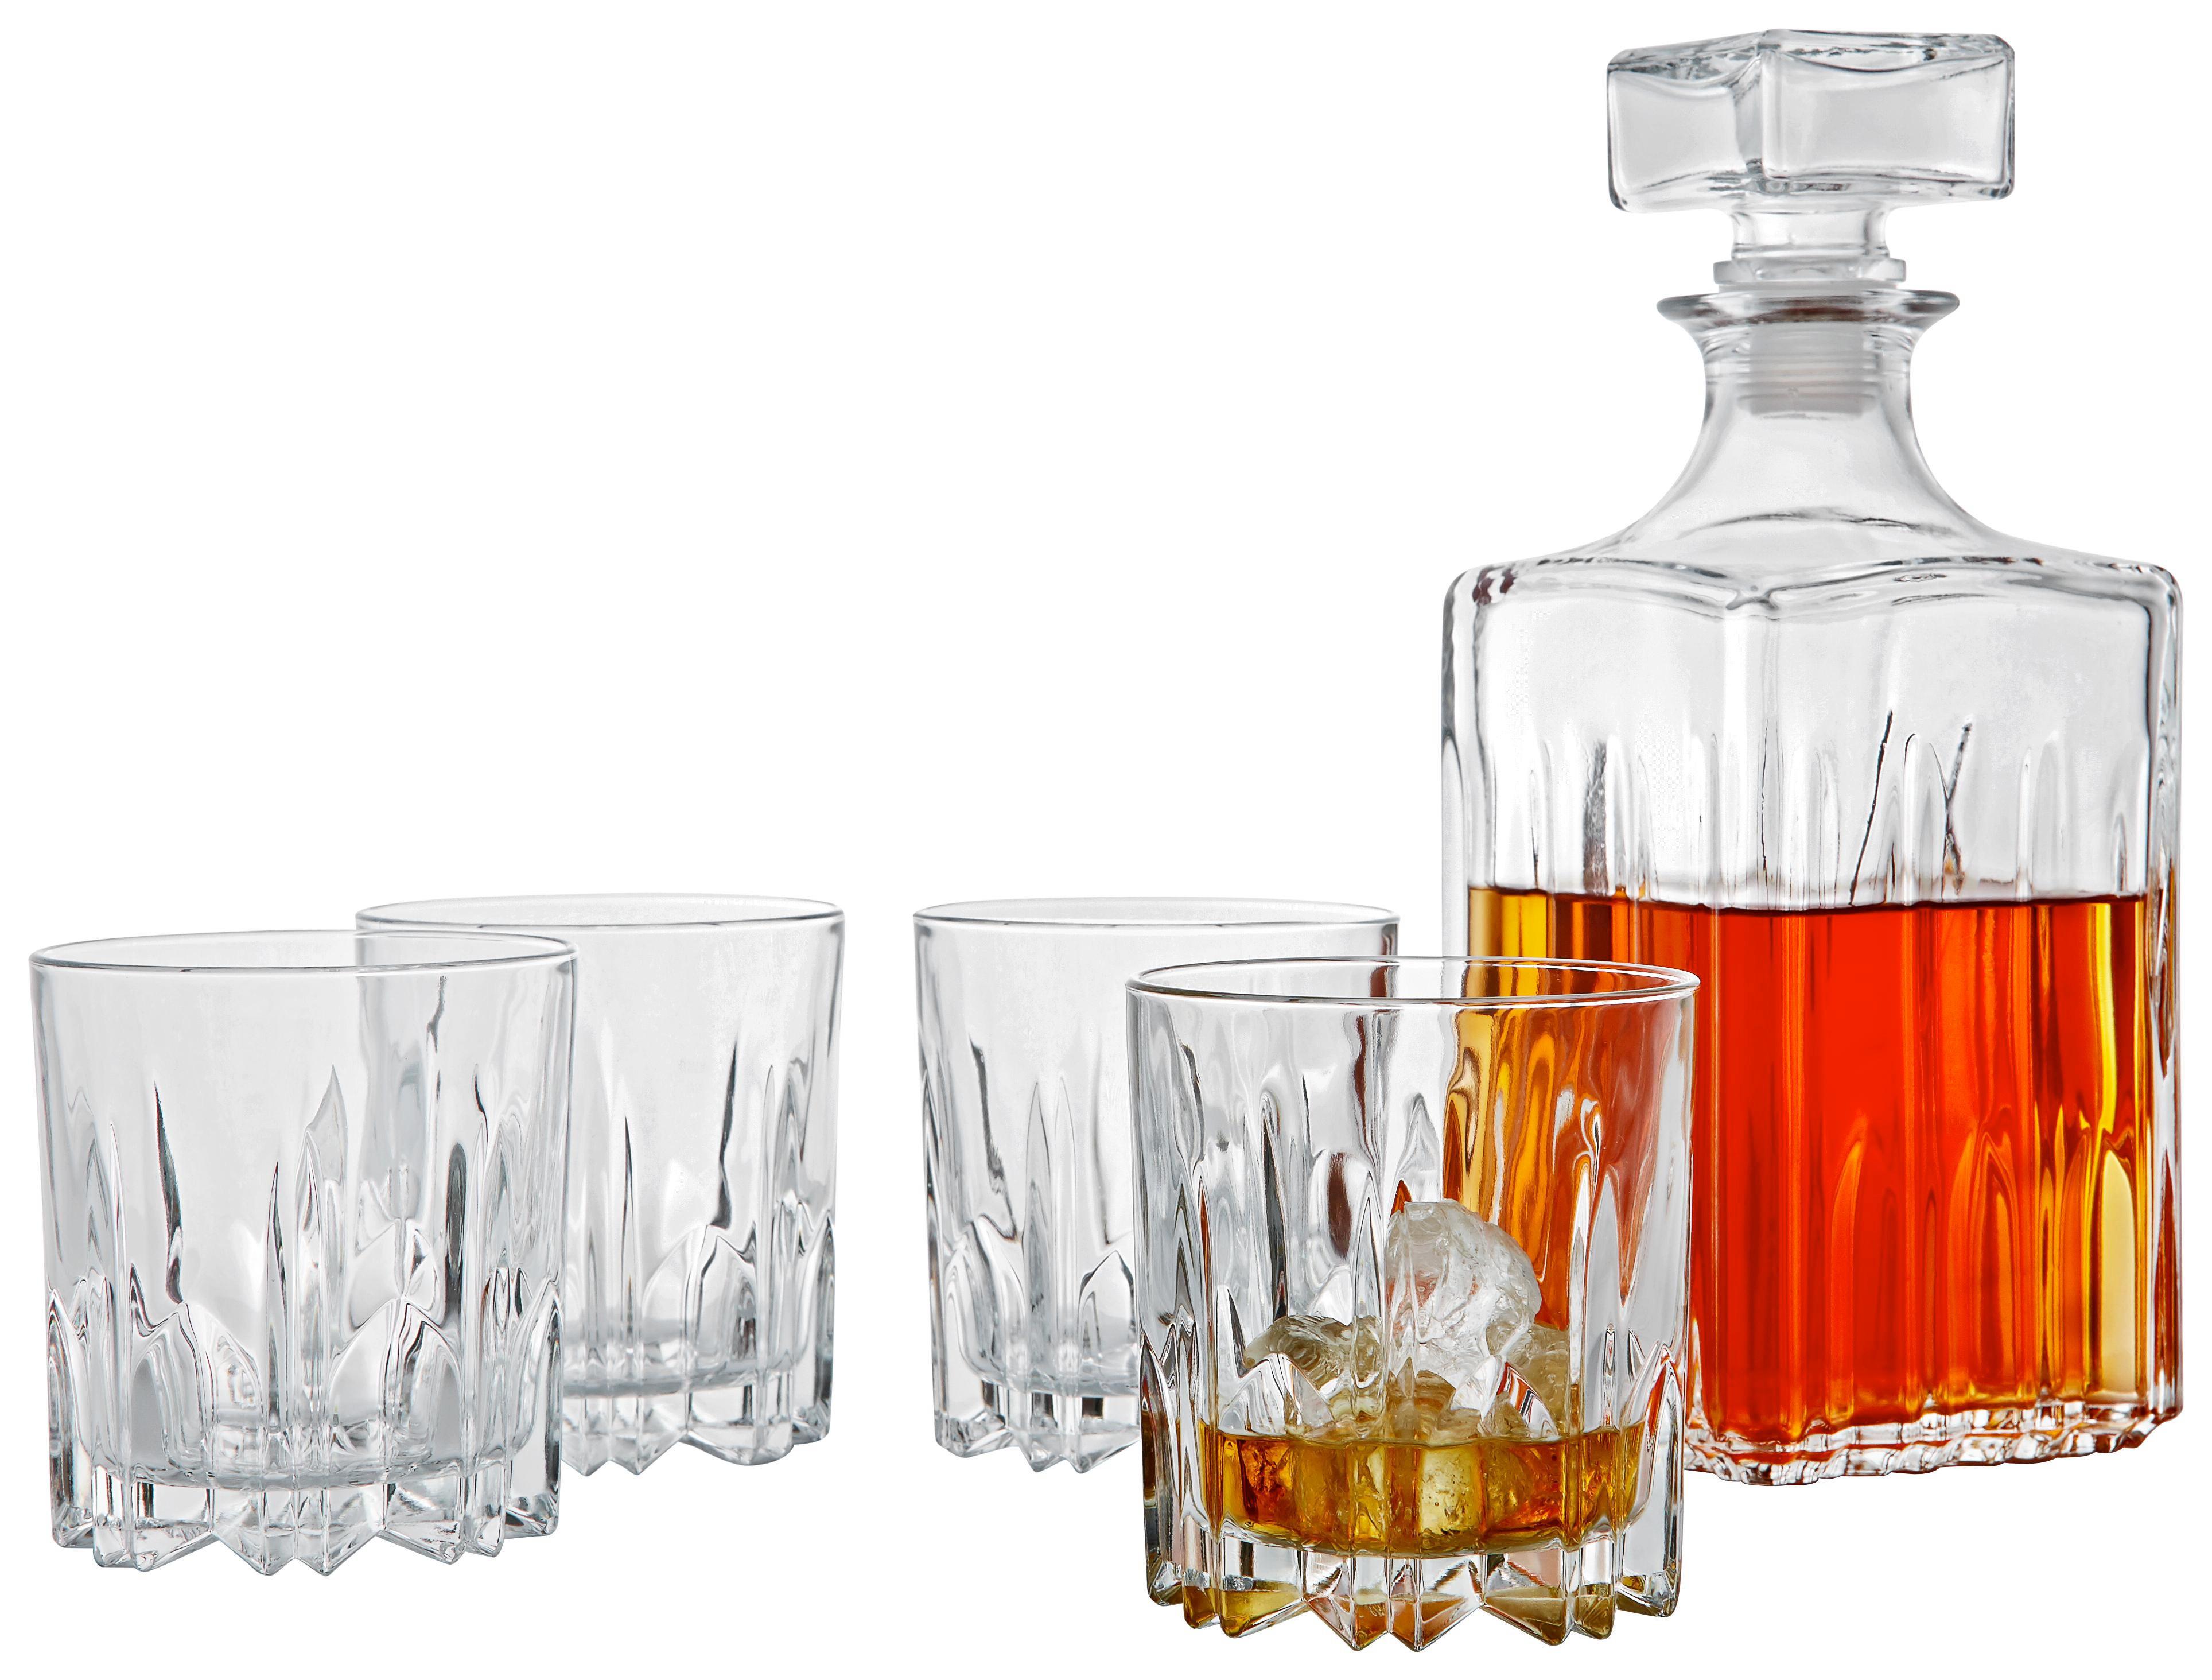 WHISKY-GLÄSERSET 5-teilig - Transparent, Basics, Glas - NOVEL